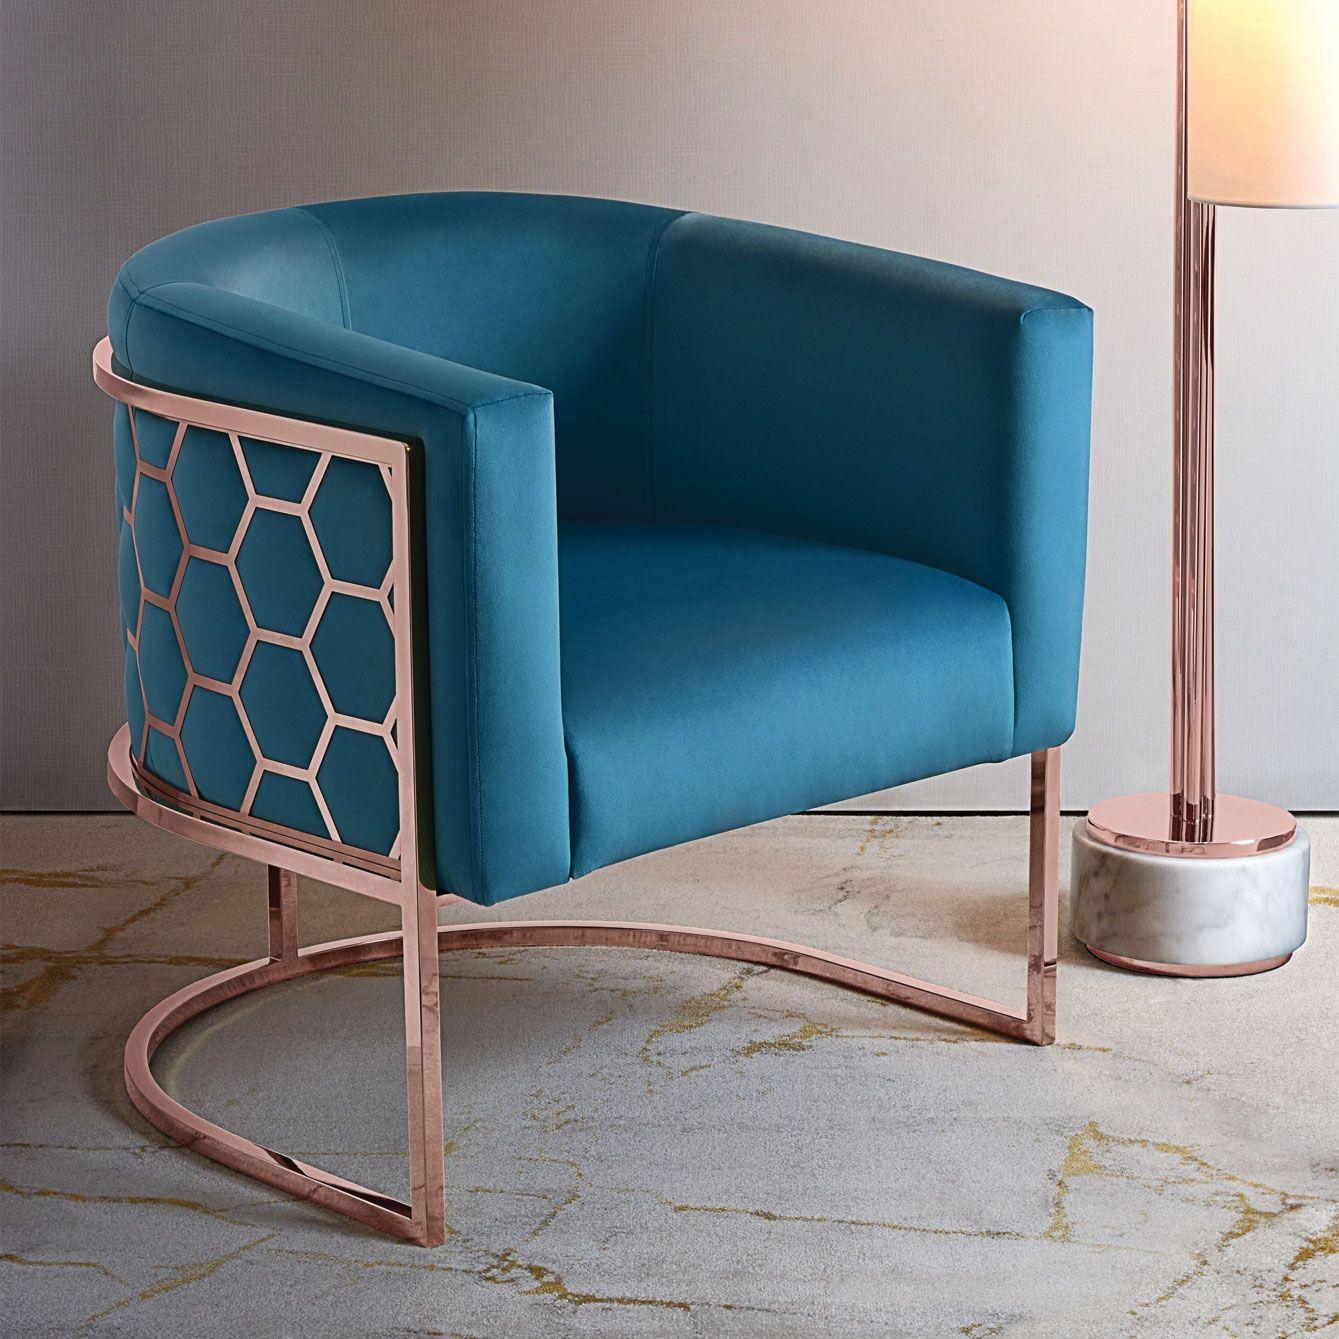 Copper tub chair this distinctive chair